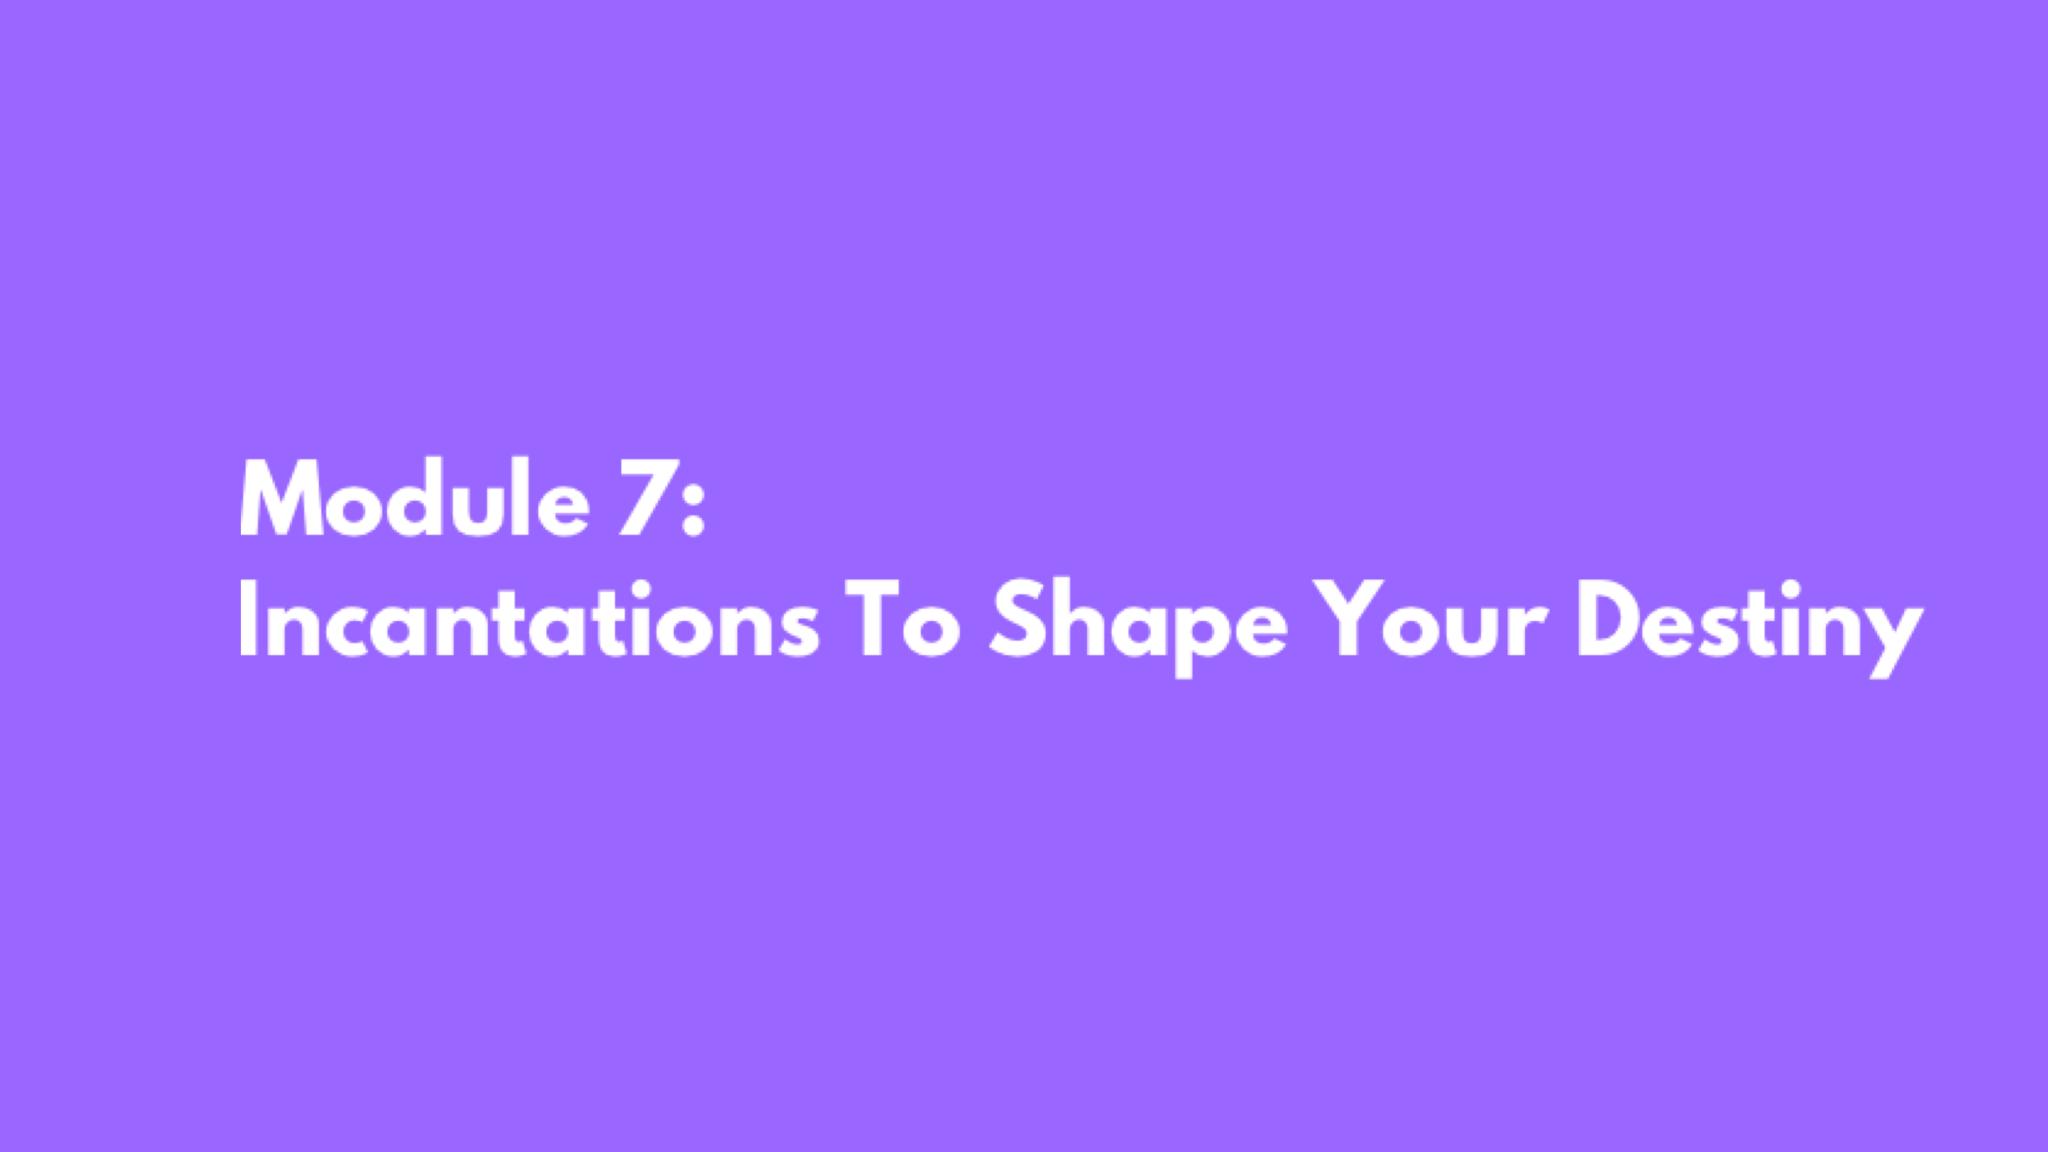 Module 7: Incantations To Shape Your Destiny